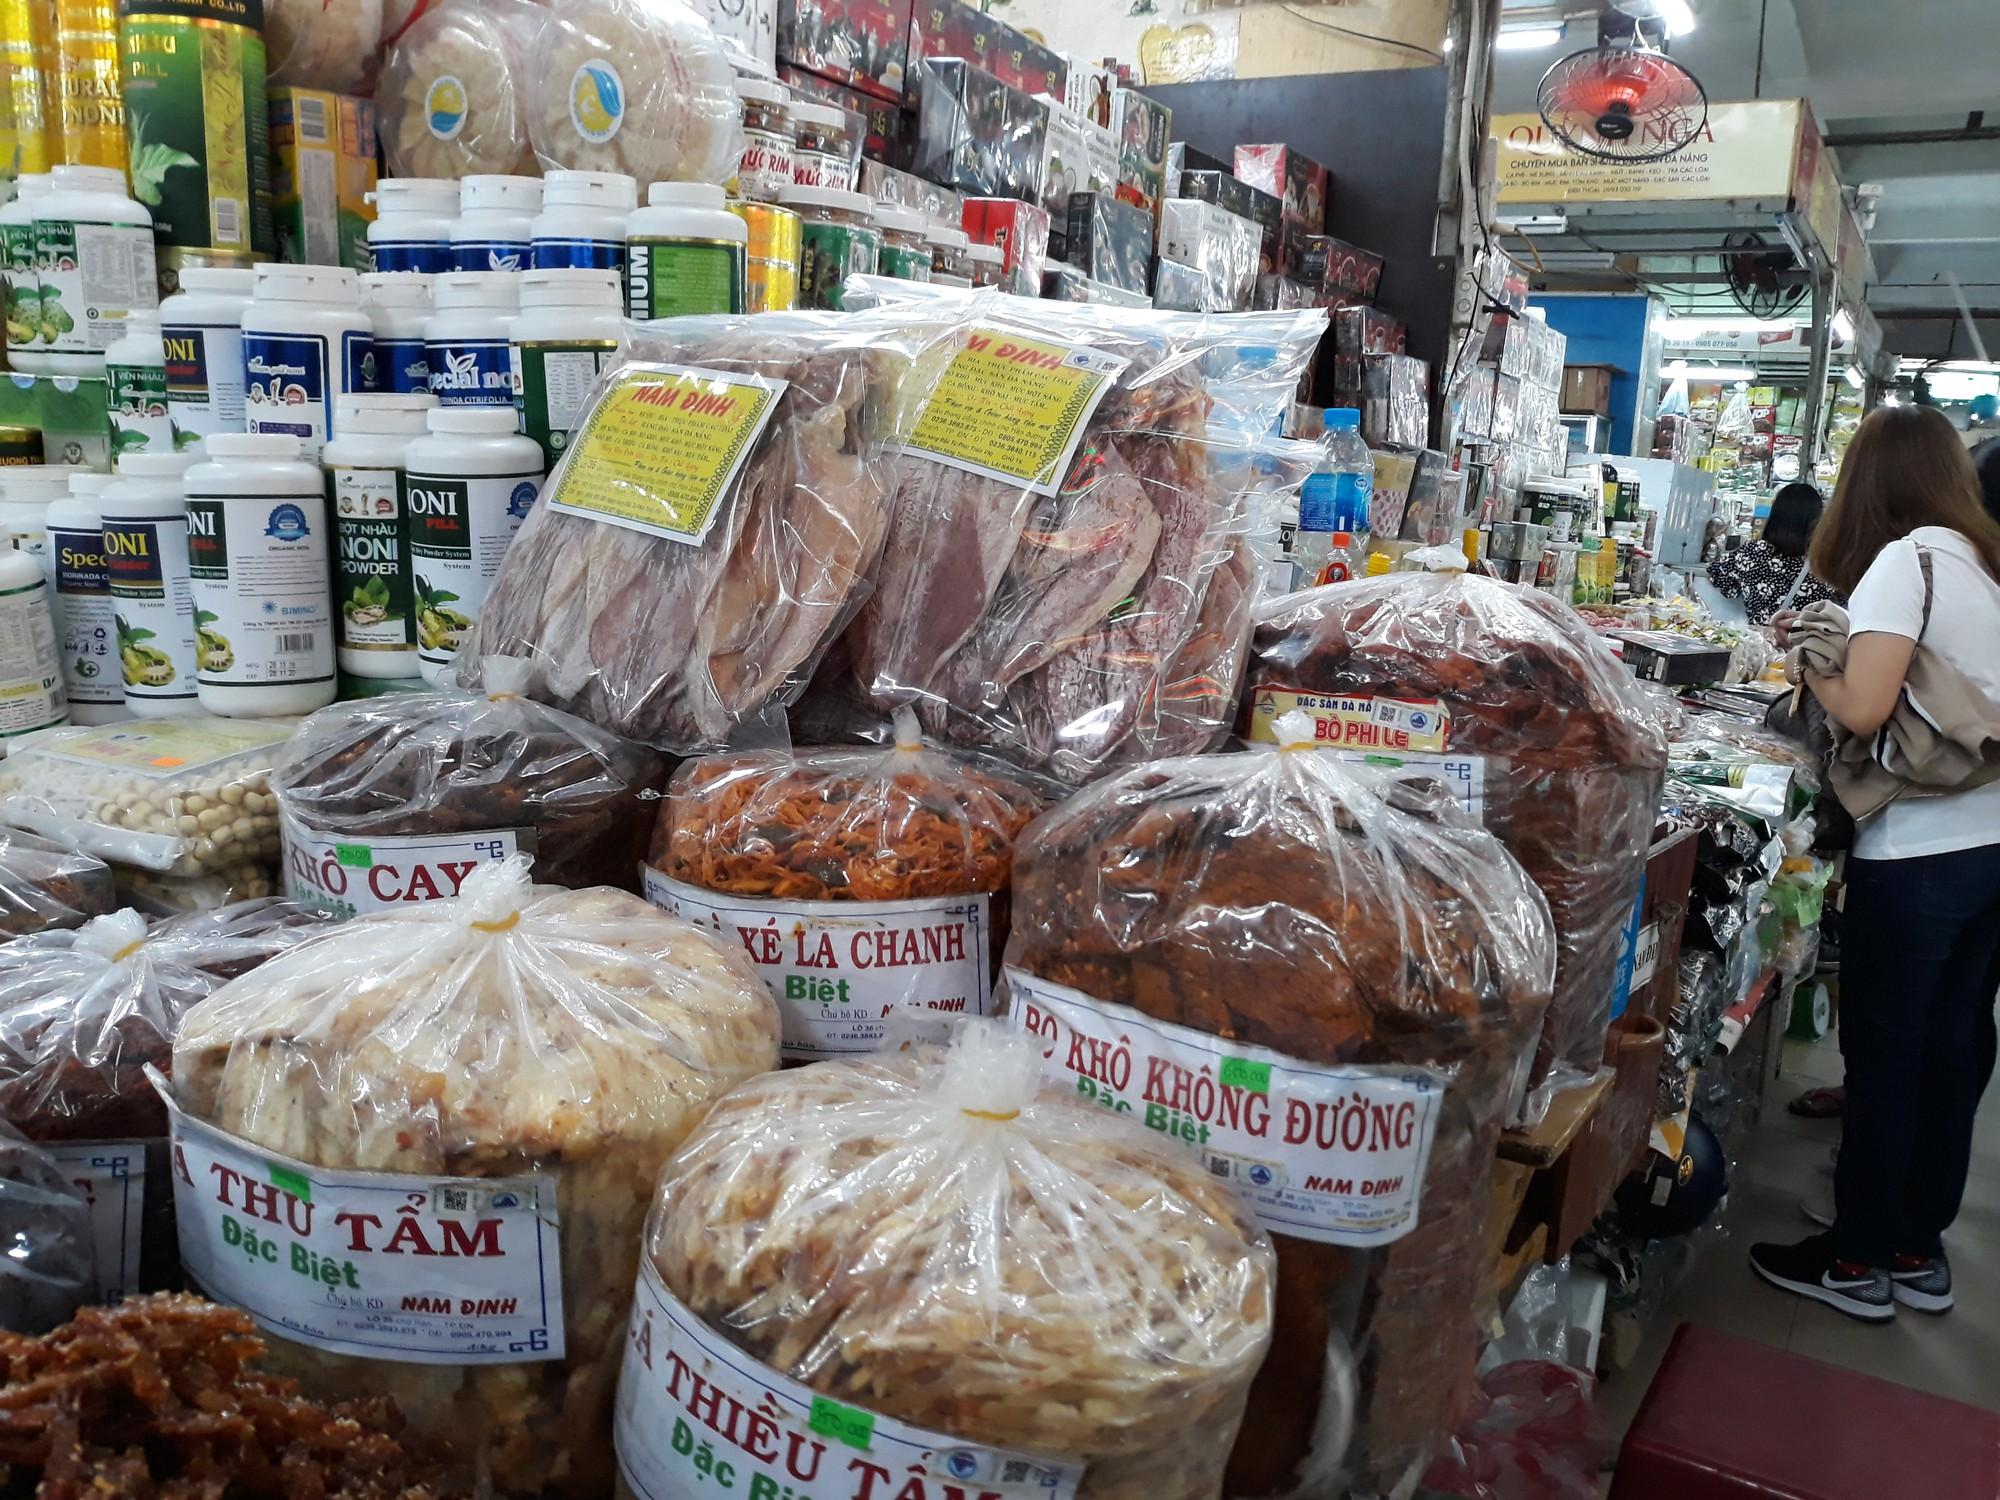 Đà Nẵng: Dồi dào hàng hóa phục vụ Tết Nguyên đán